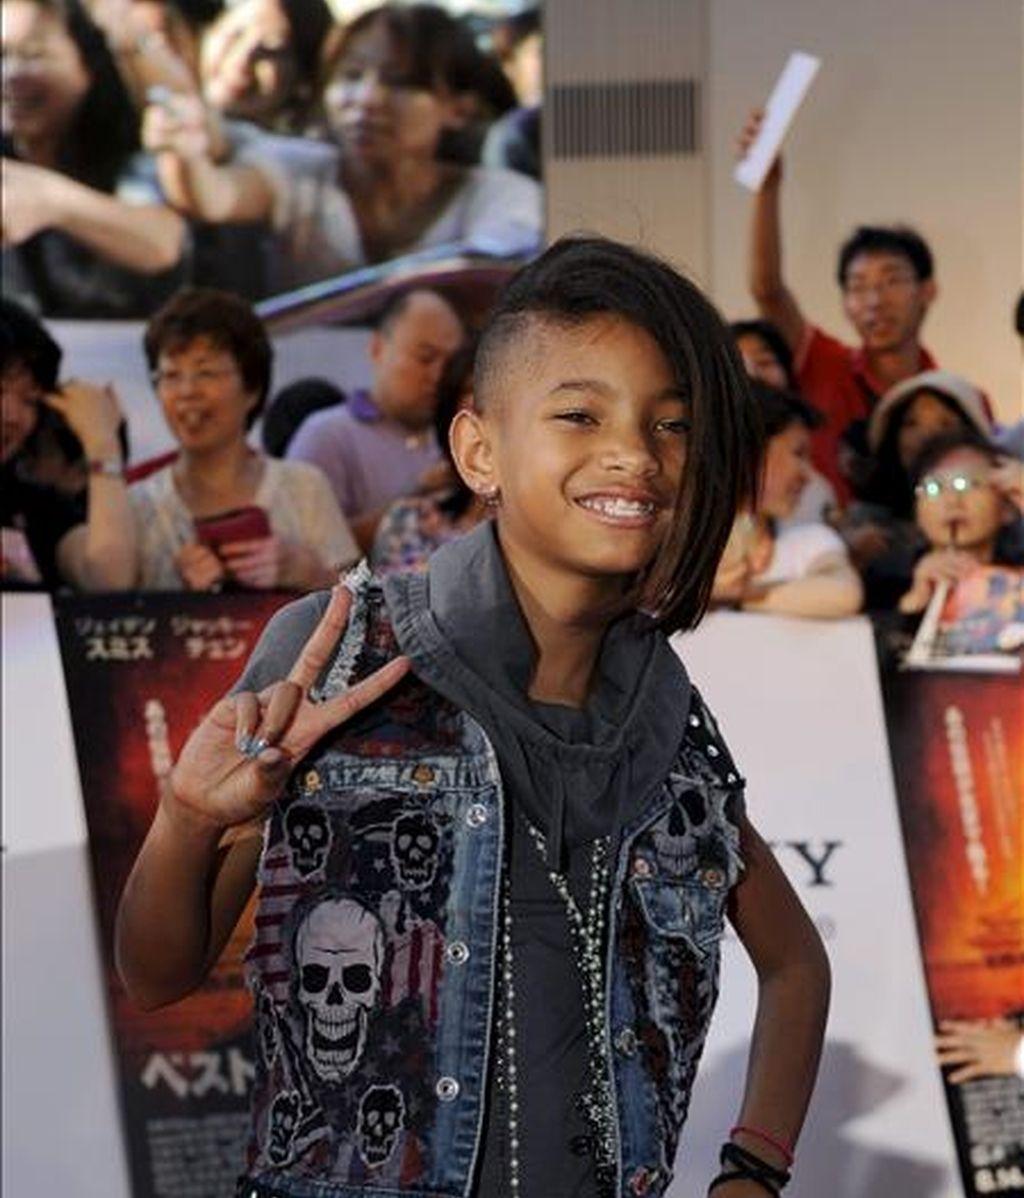 """La hija del famoso actor Will Smith, Willow Smith, saluda a su llegada al preestreno de la película """"Karate Kid"""" en la que su hermano Jaden Smith es protagonista en Tokio, Japón, el pasado mes de agosto. EFE/Archivo"""